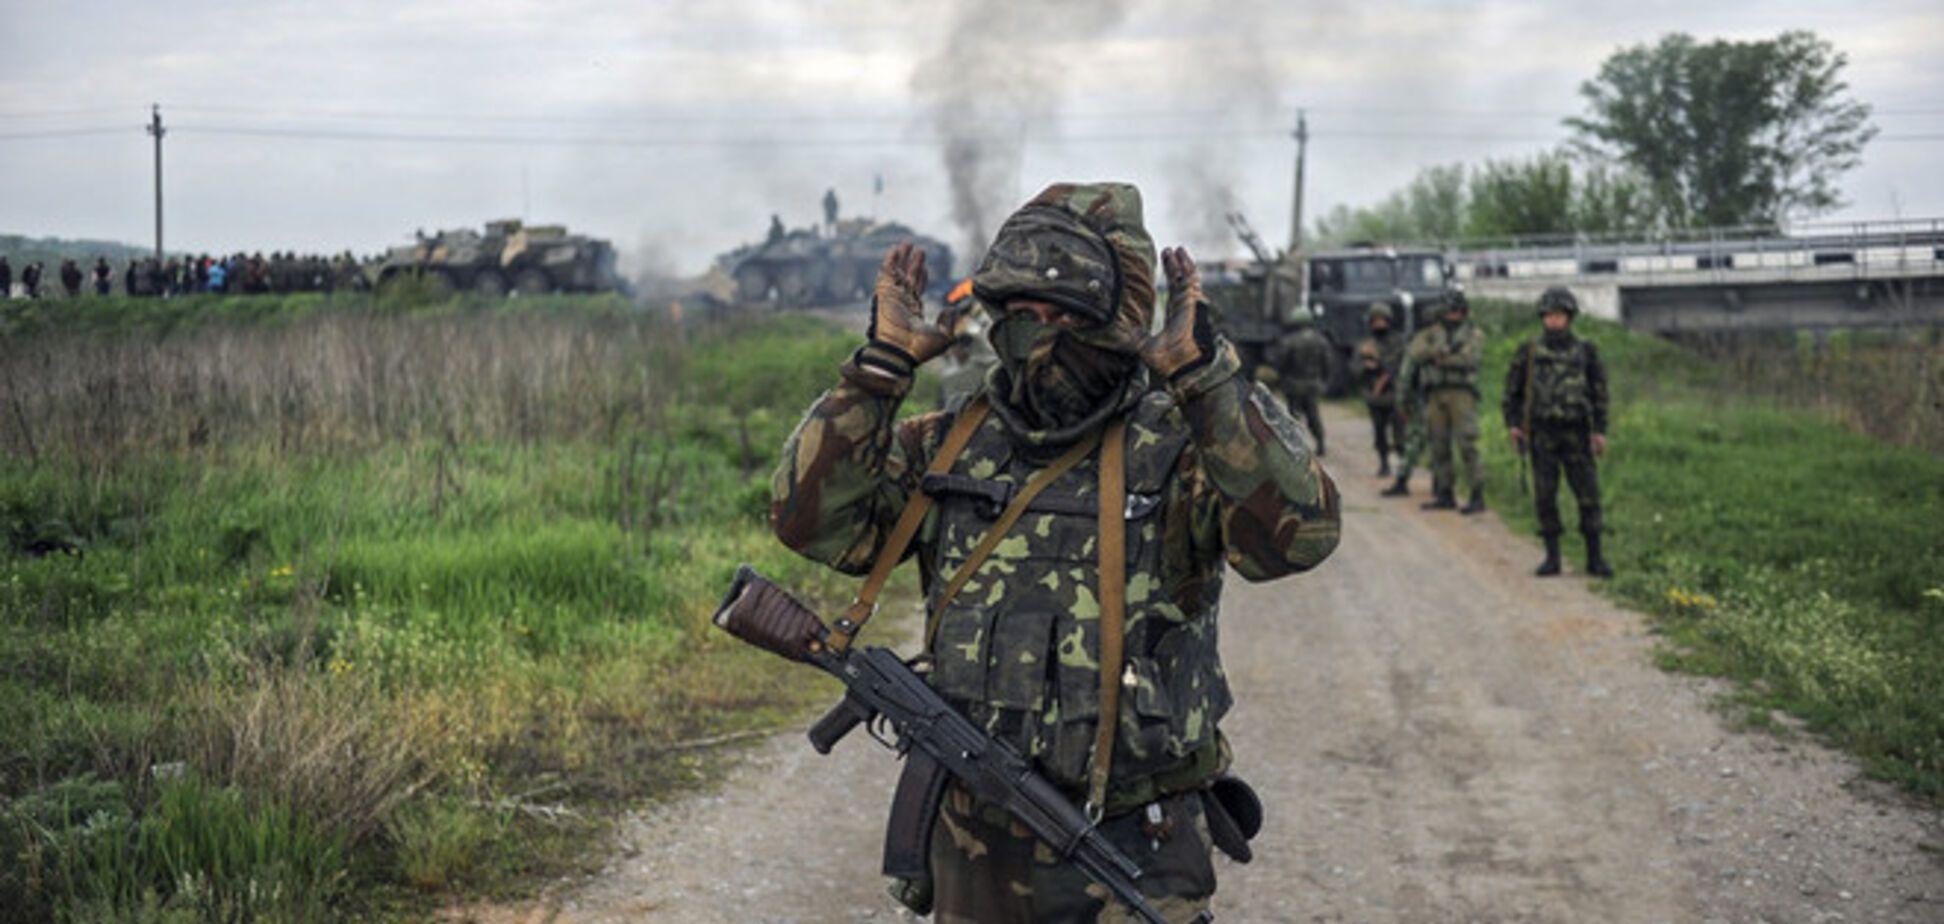 Тымчук: АТО на востоке идет по всем фронтам, у террористов паника